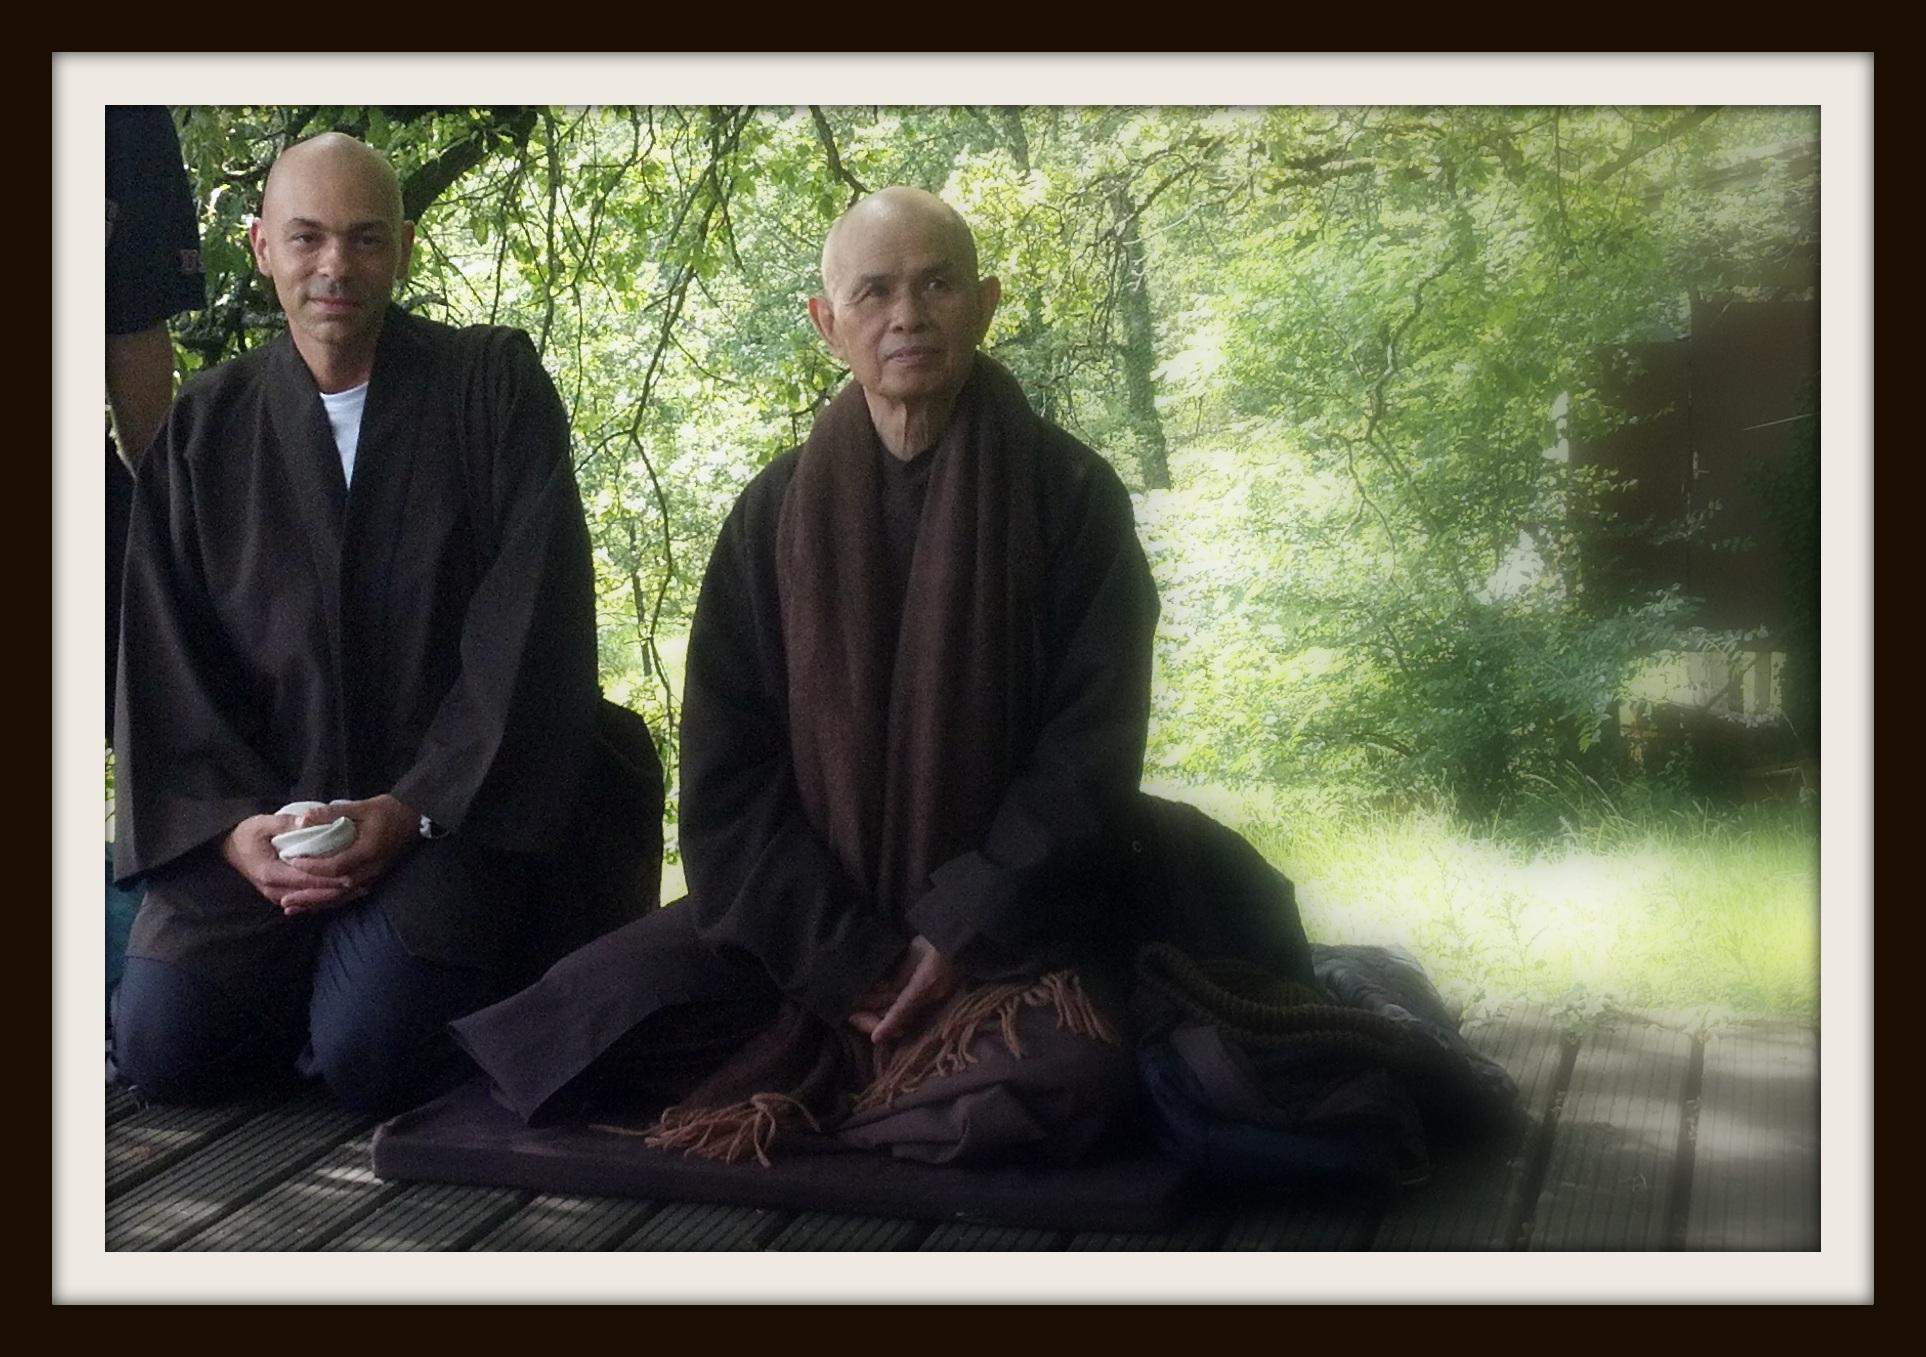 Vitor e o Mestre Zen Thich Nhat Hanh, expoente na história do Budismo